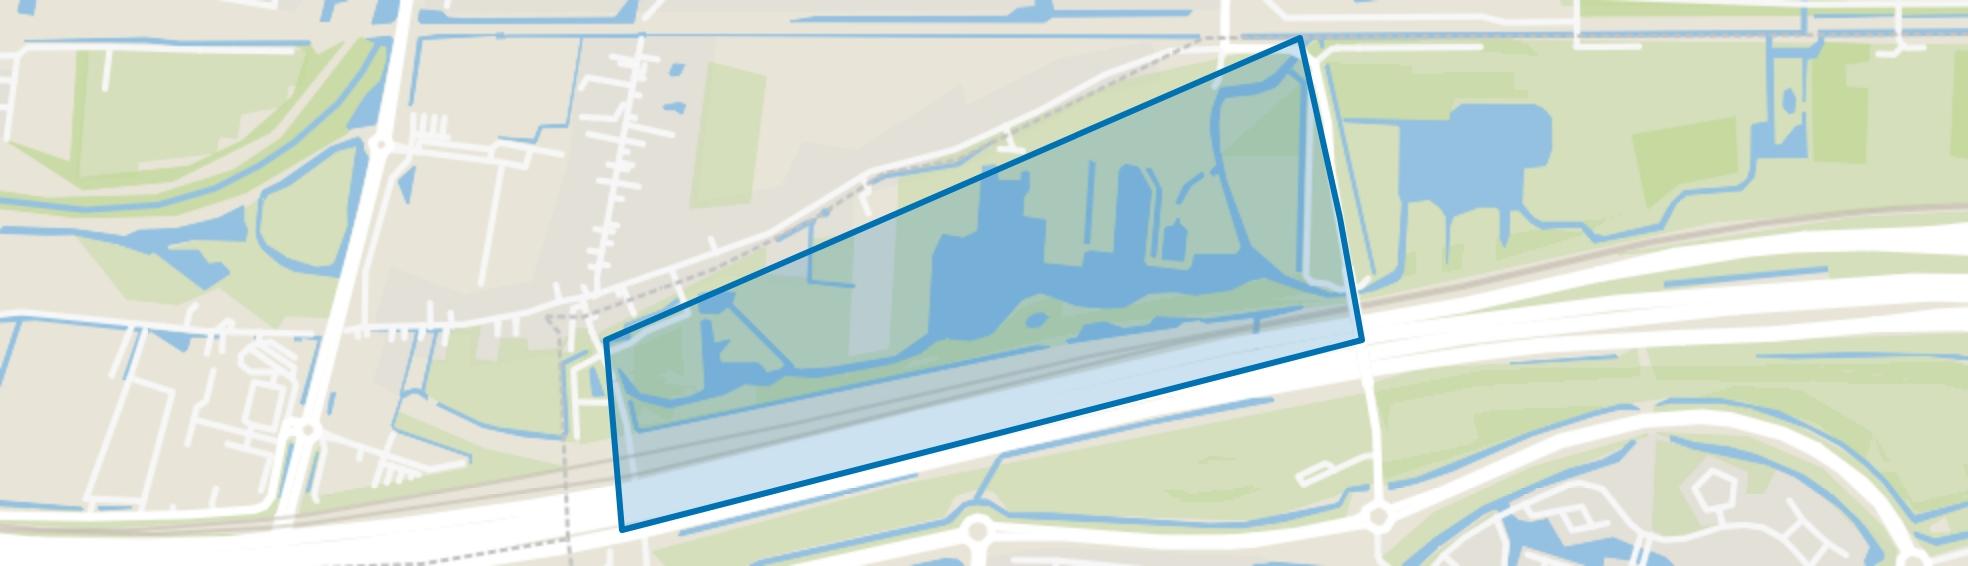 Sint Clarabos, Barendrecht map